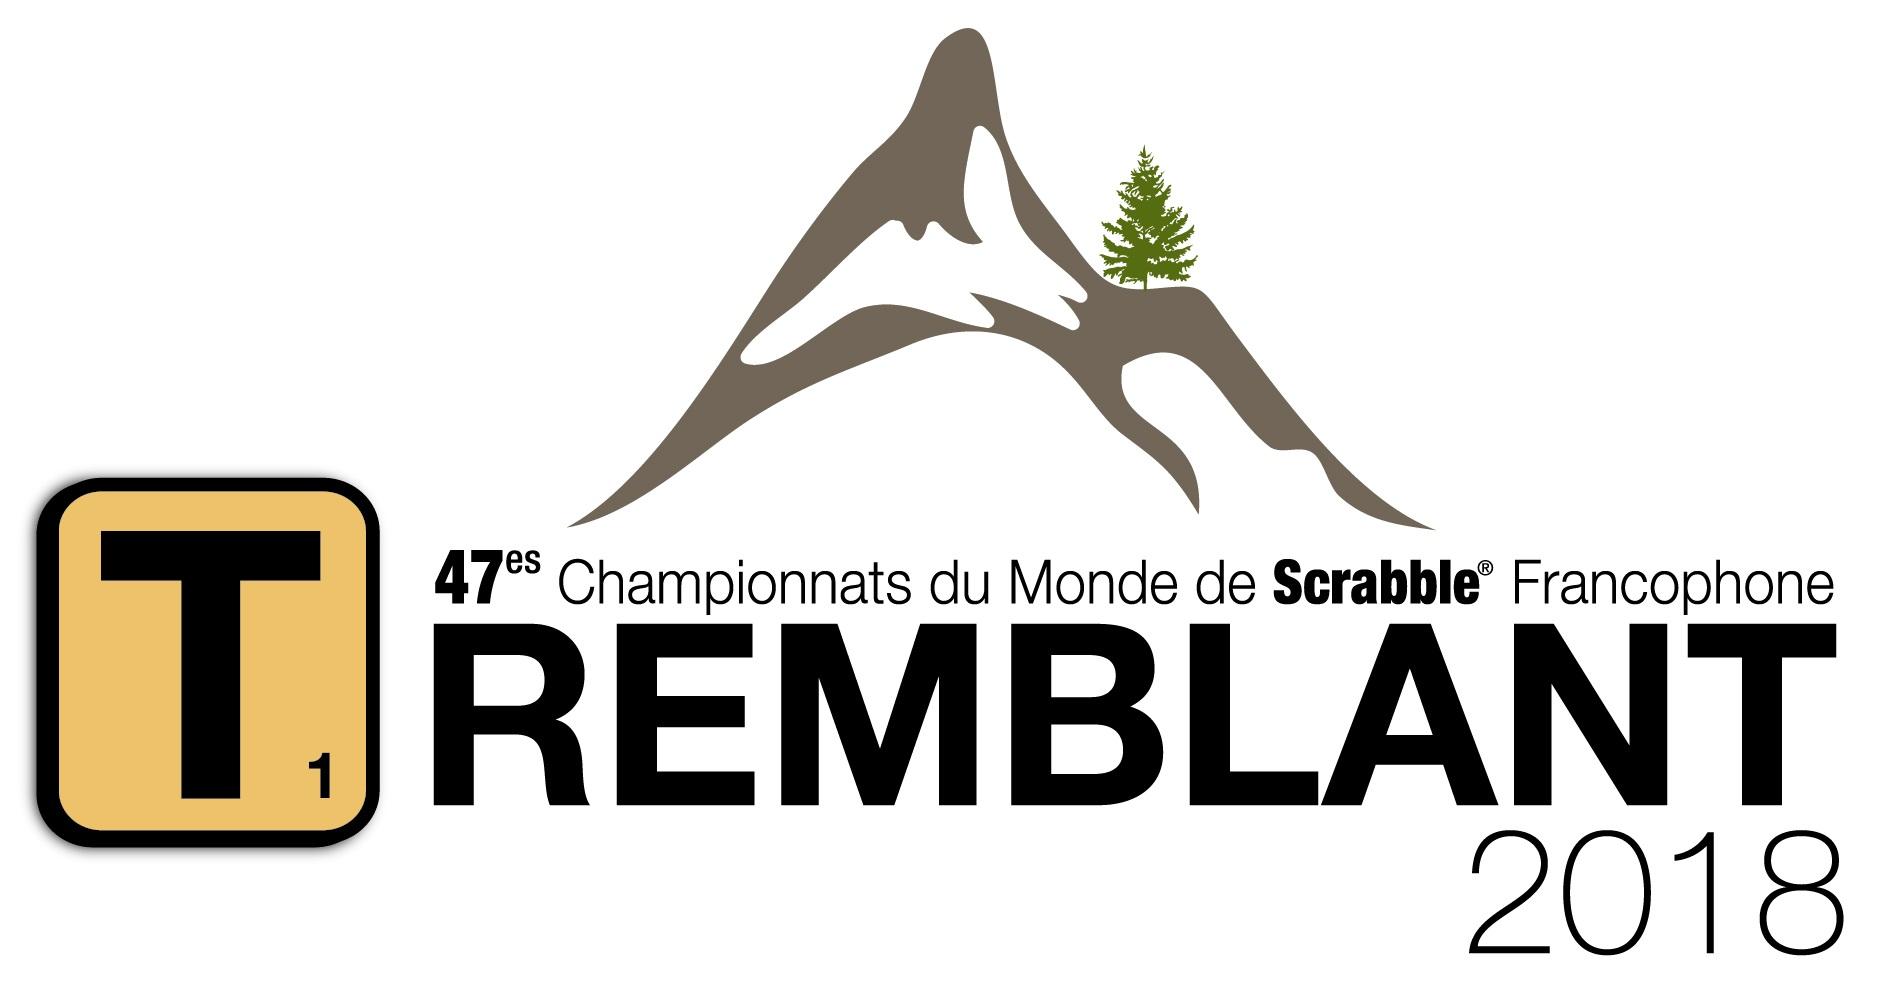 Les 47es Championnats du Monde de Scrabble Francophone, Tremblant (Québec, Canada)